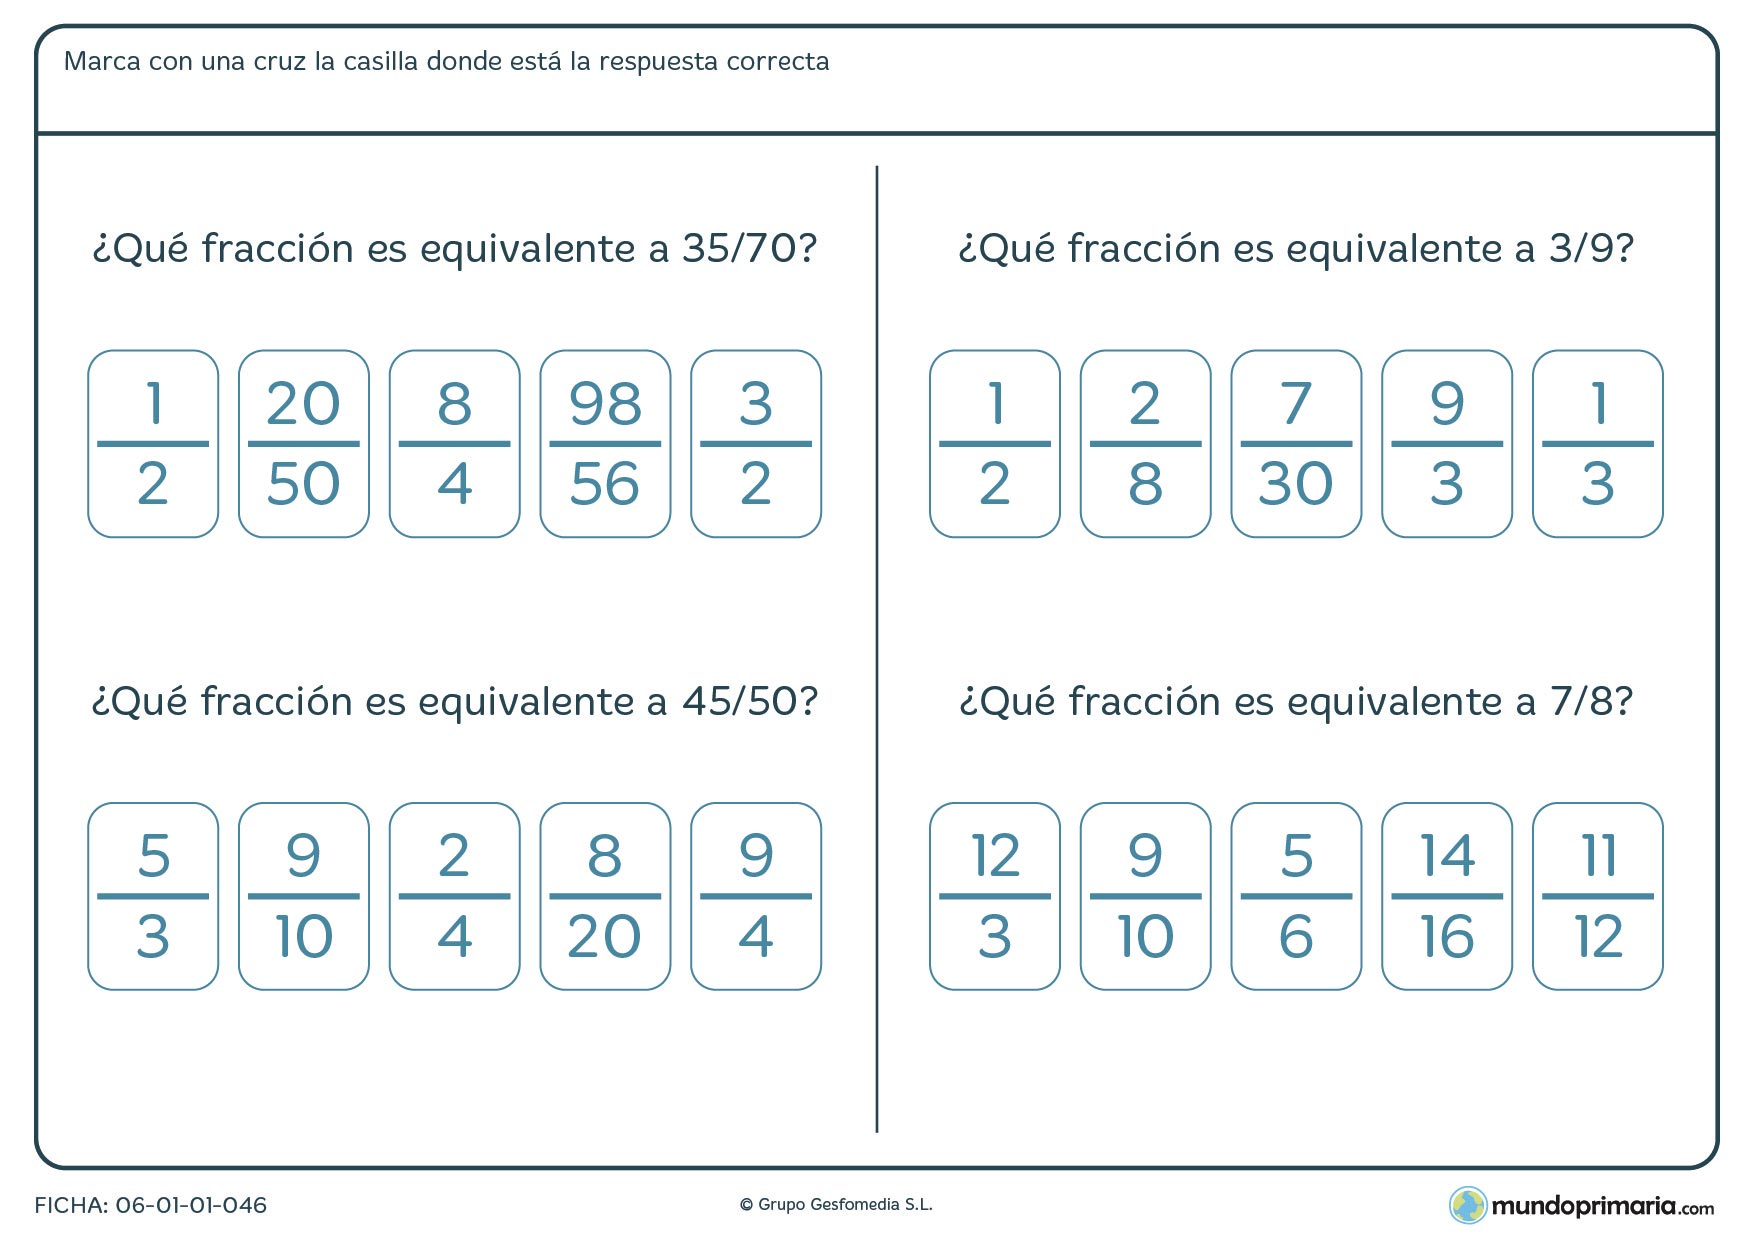 Ficha de apoyo de matemáricas centrada en buscar aquella fracción que sea equivalente para el repaso de alumnos de cuarto de Primaria